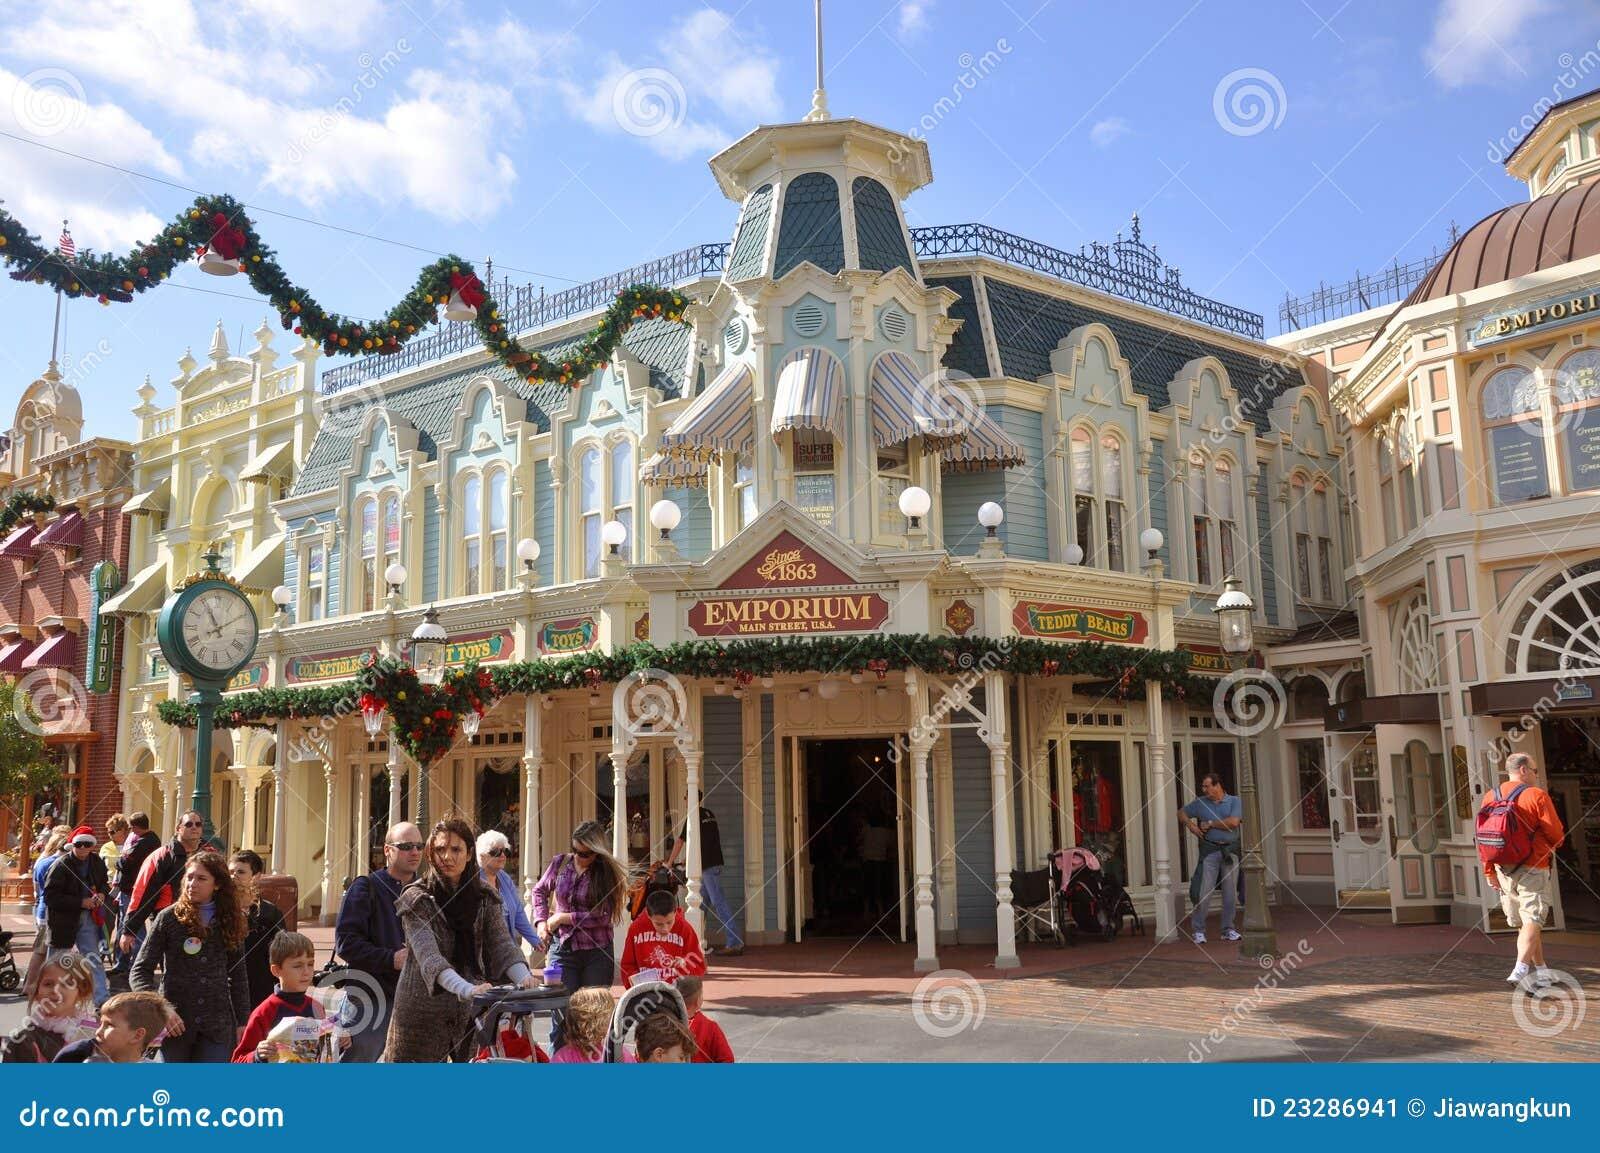 Emporium Store In Magic Kingdom Disney Editorial Photo Image Of